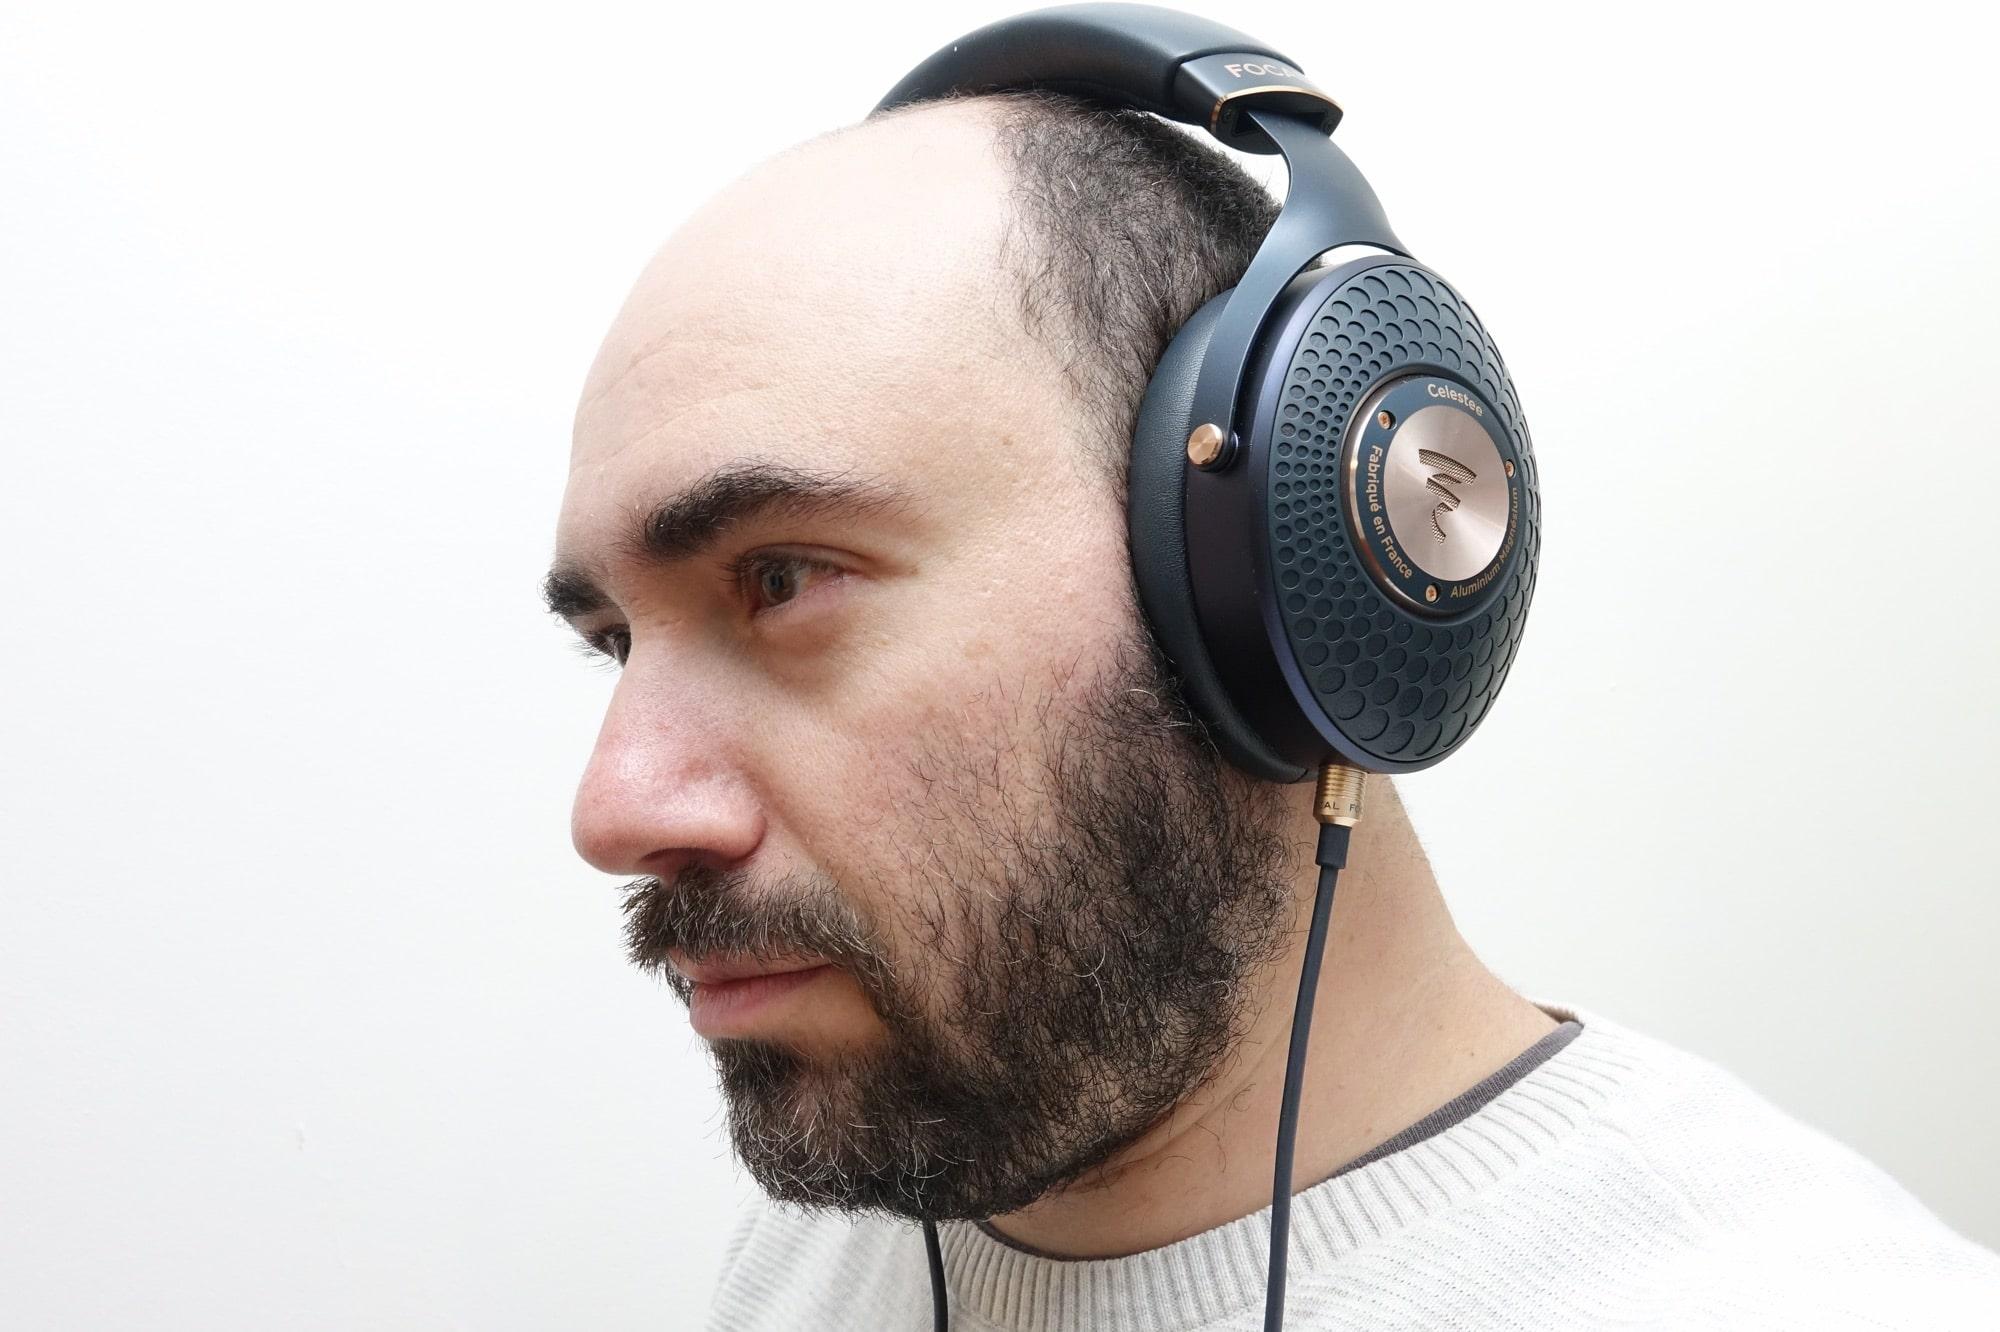 Wearing the Focal Celestee headphones